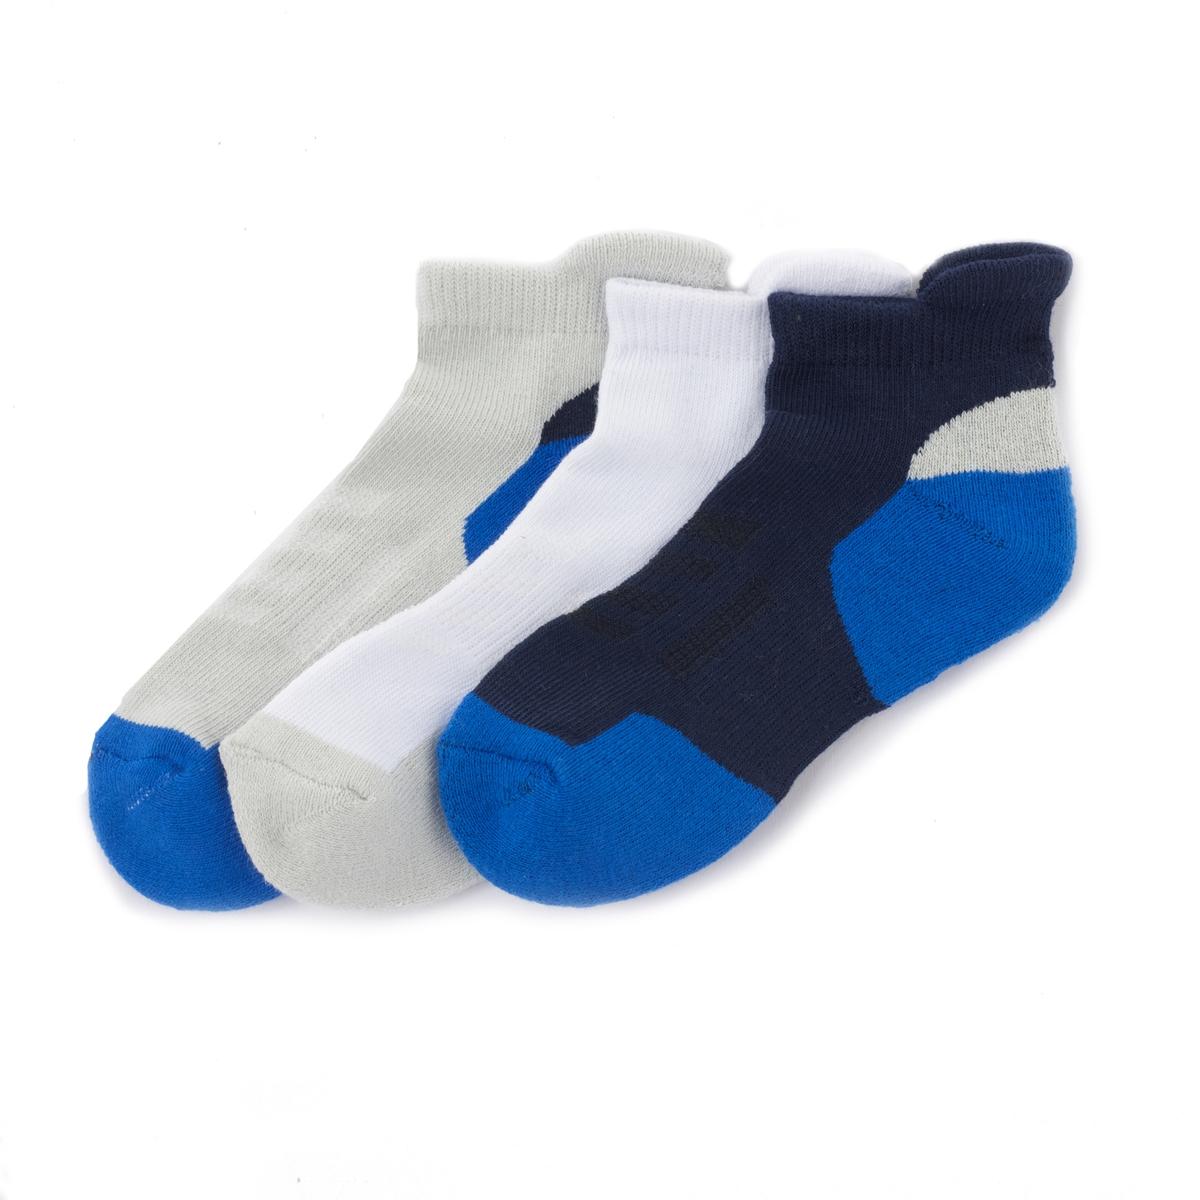 Confezione da 3 calzini sportivi